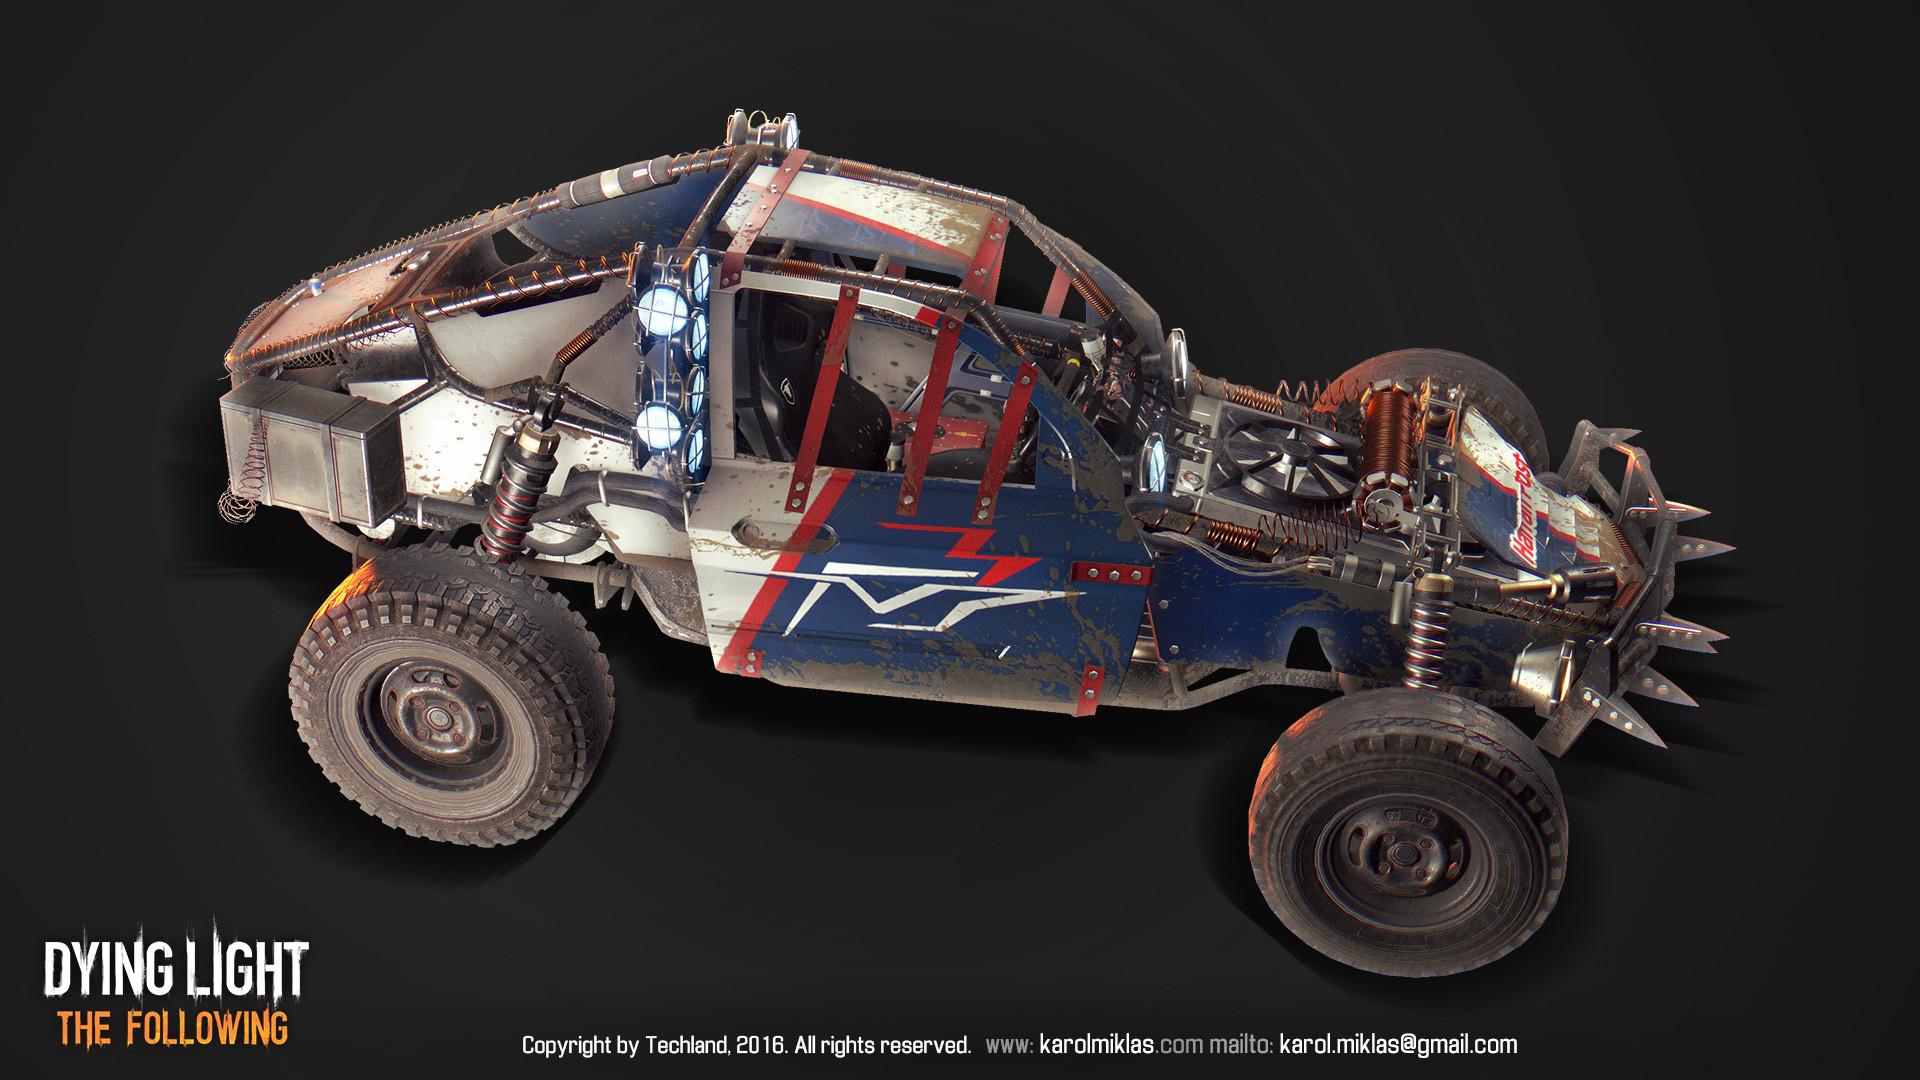 karol-miklas-buggy-skin-6.jpg